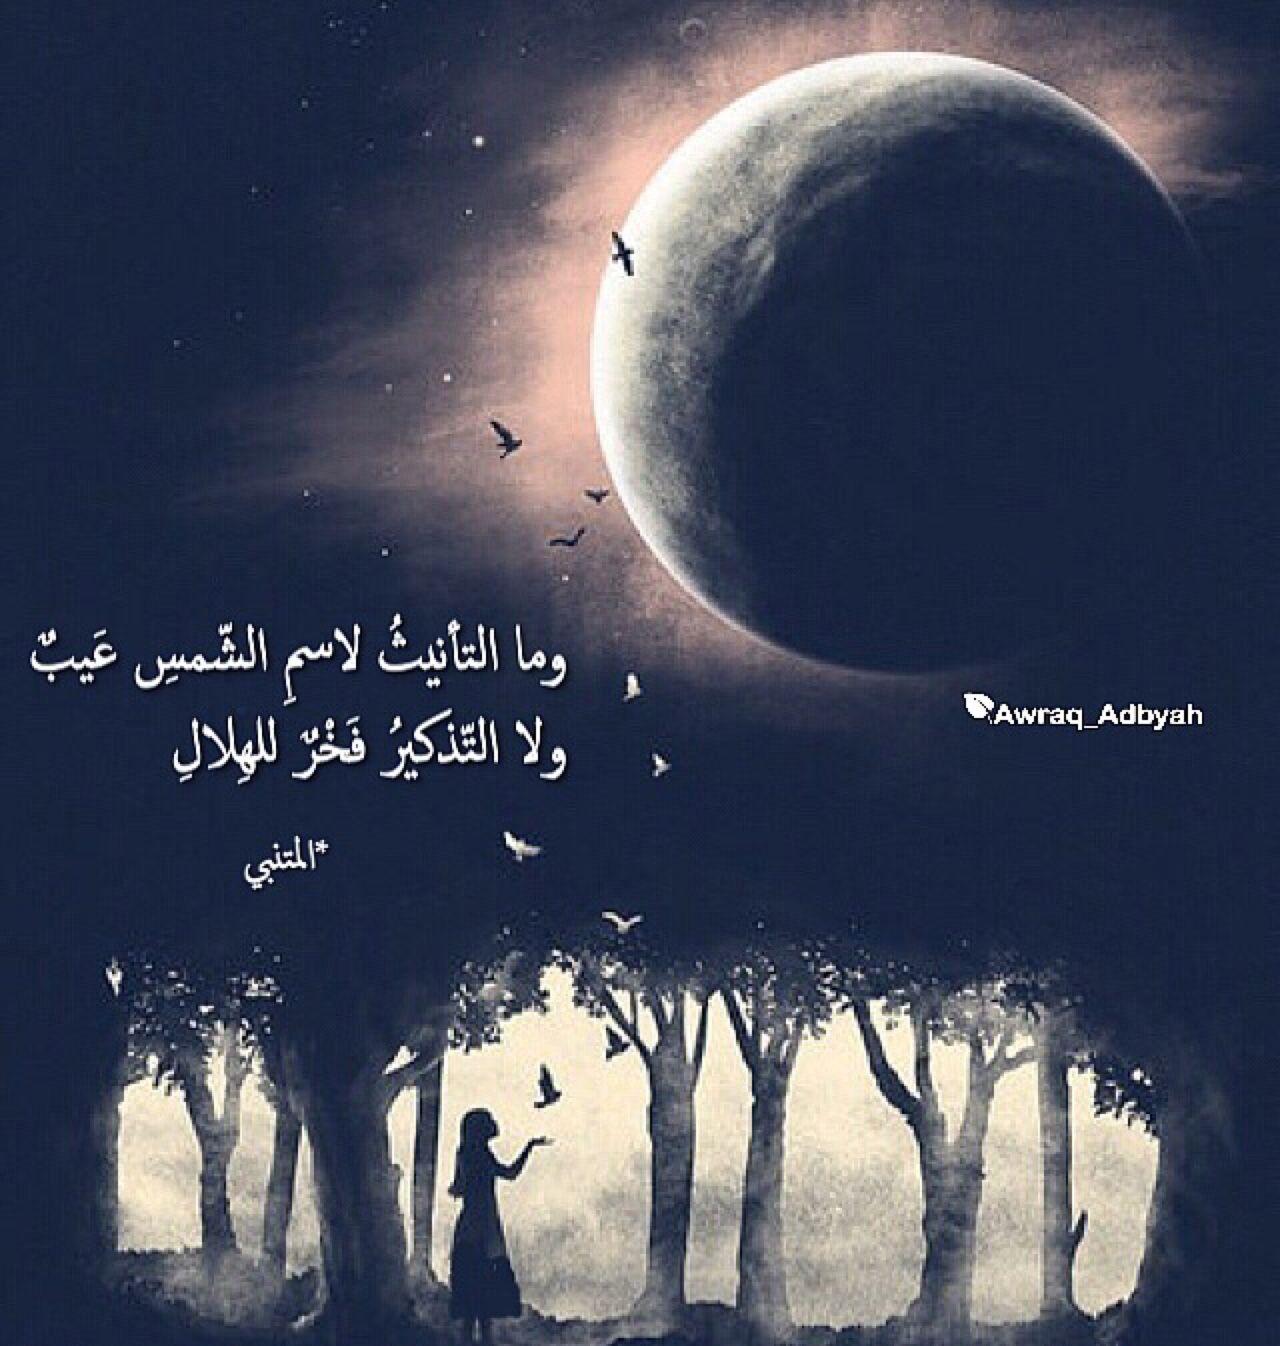 ولو كان الن ساء كم ن ف ق د نا لف ض ل ت الن ساء على الر جال